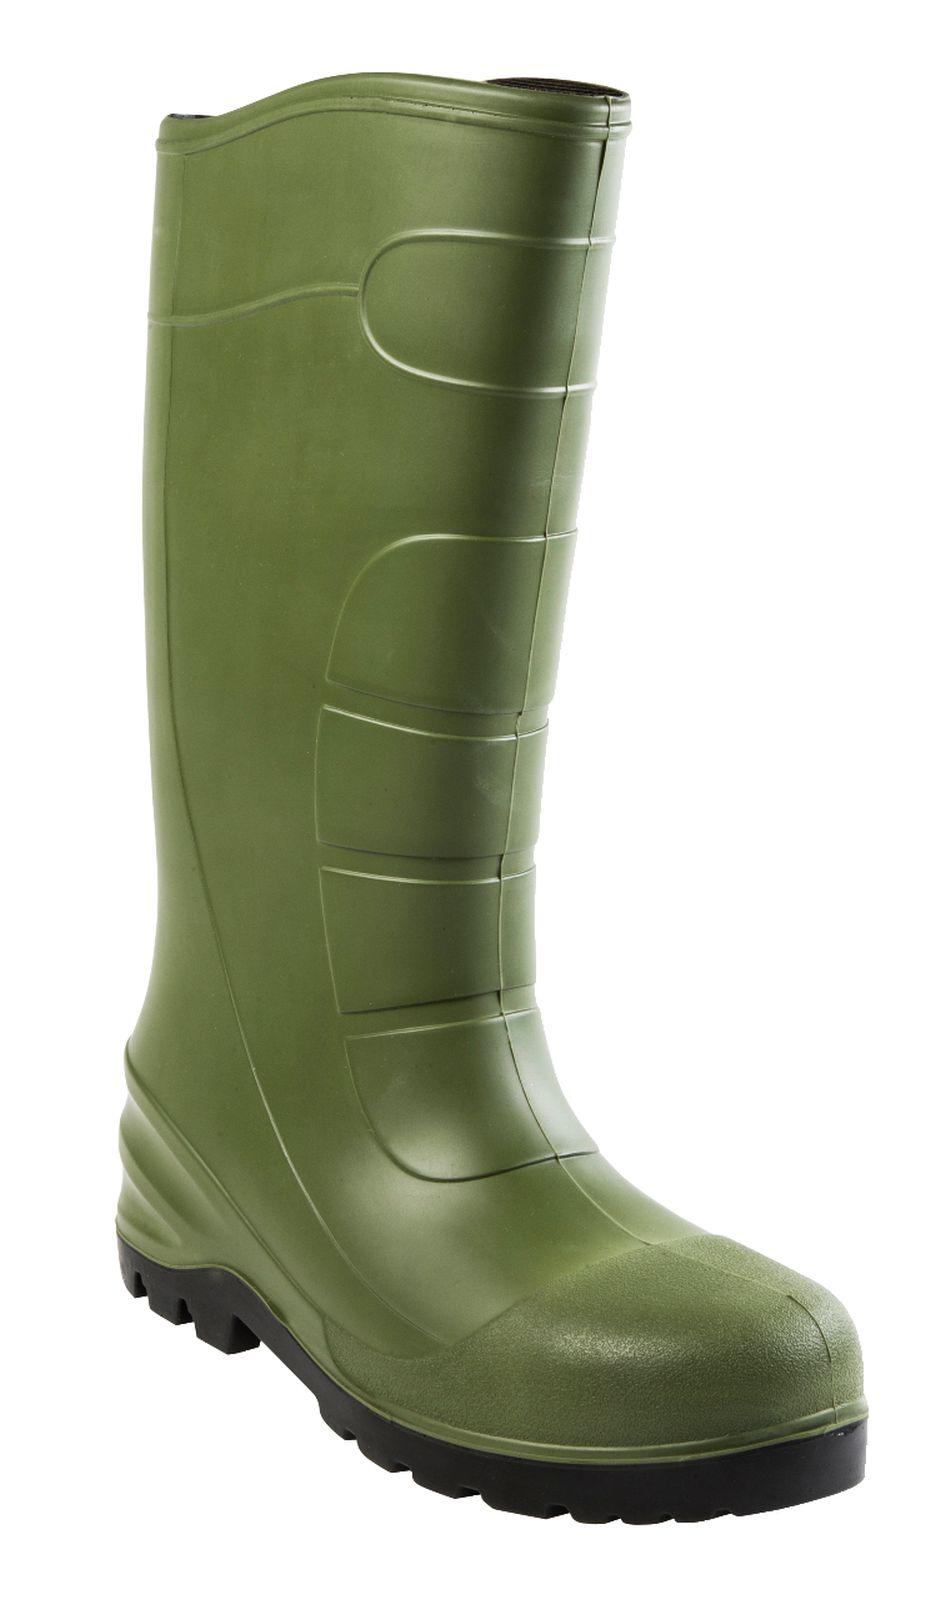 Blaklader Veiligheidslaarzen 24213909 army groen-zwart(4699)